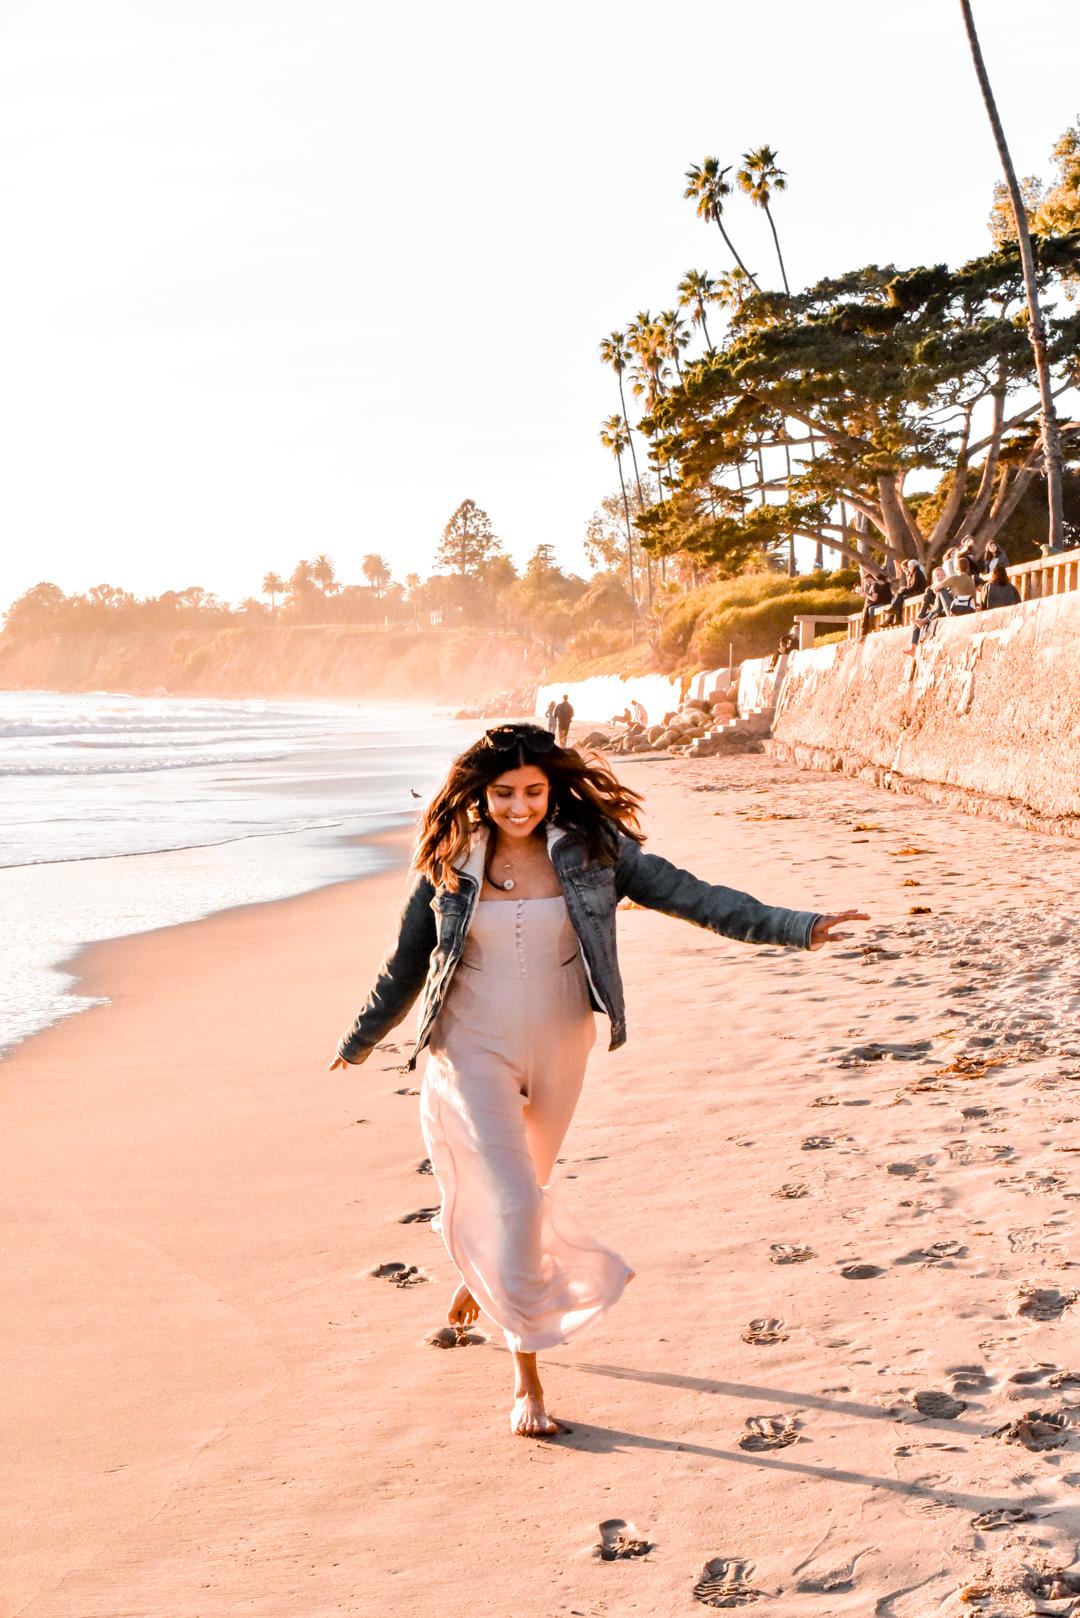 butterfly-beach-sunset-blogger-travel